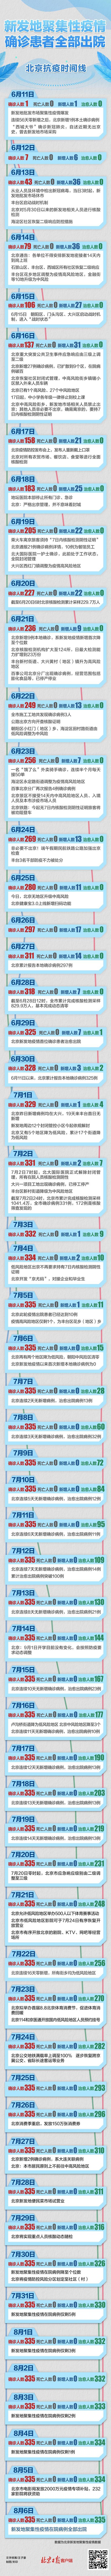 亿兴招商,例清零一图回顾56亿兴招商天北京抗疫时图片